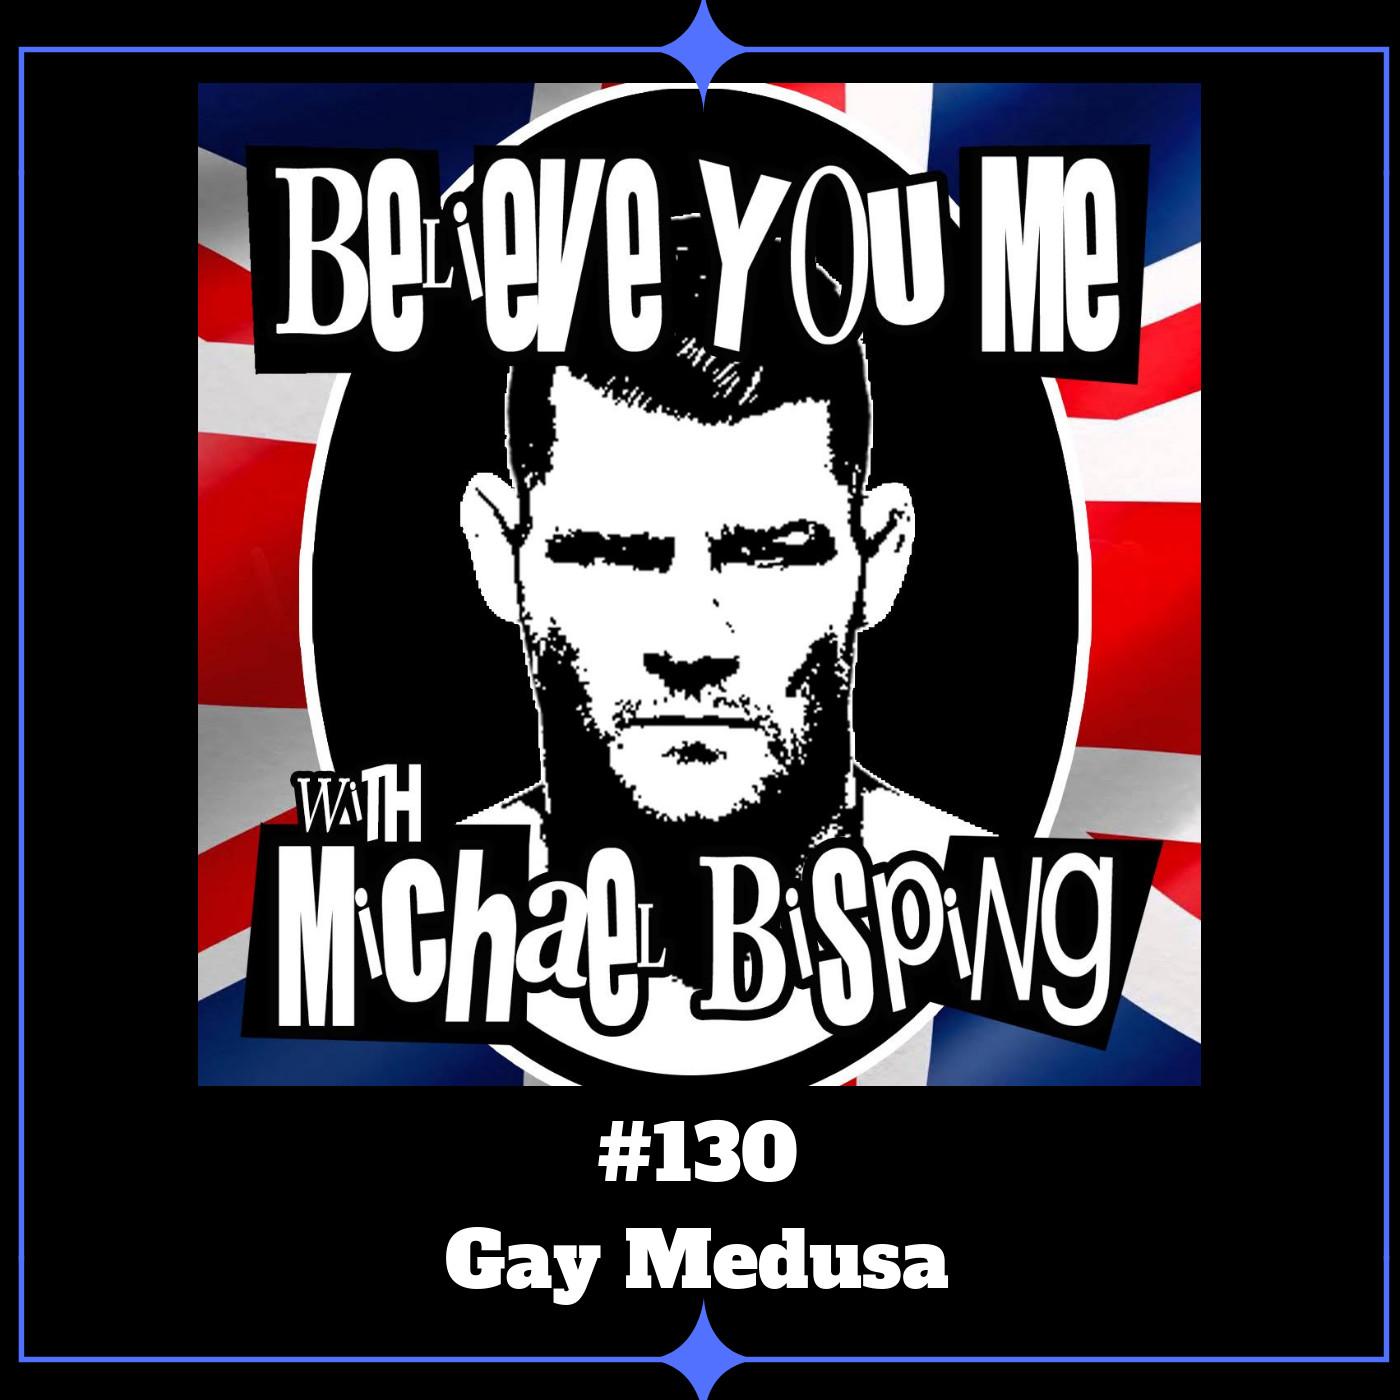 130 - Gay Medusa